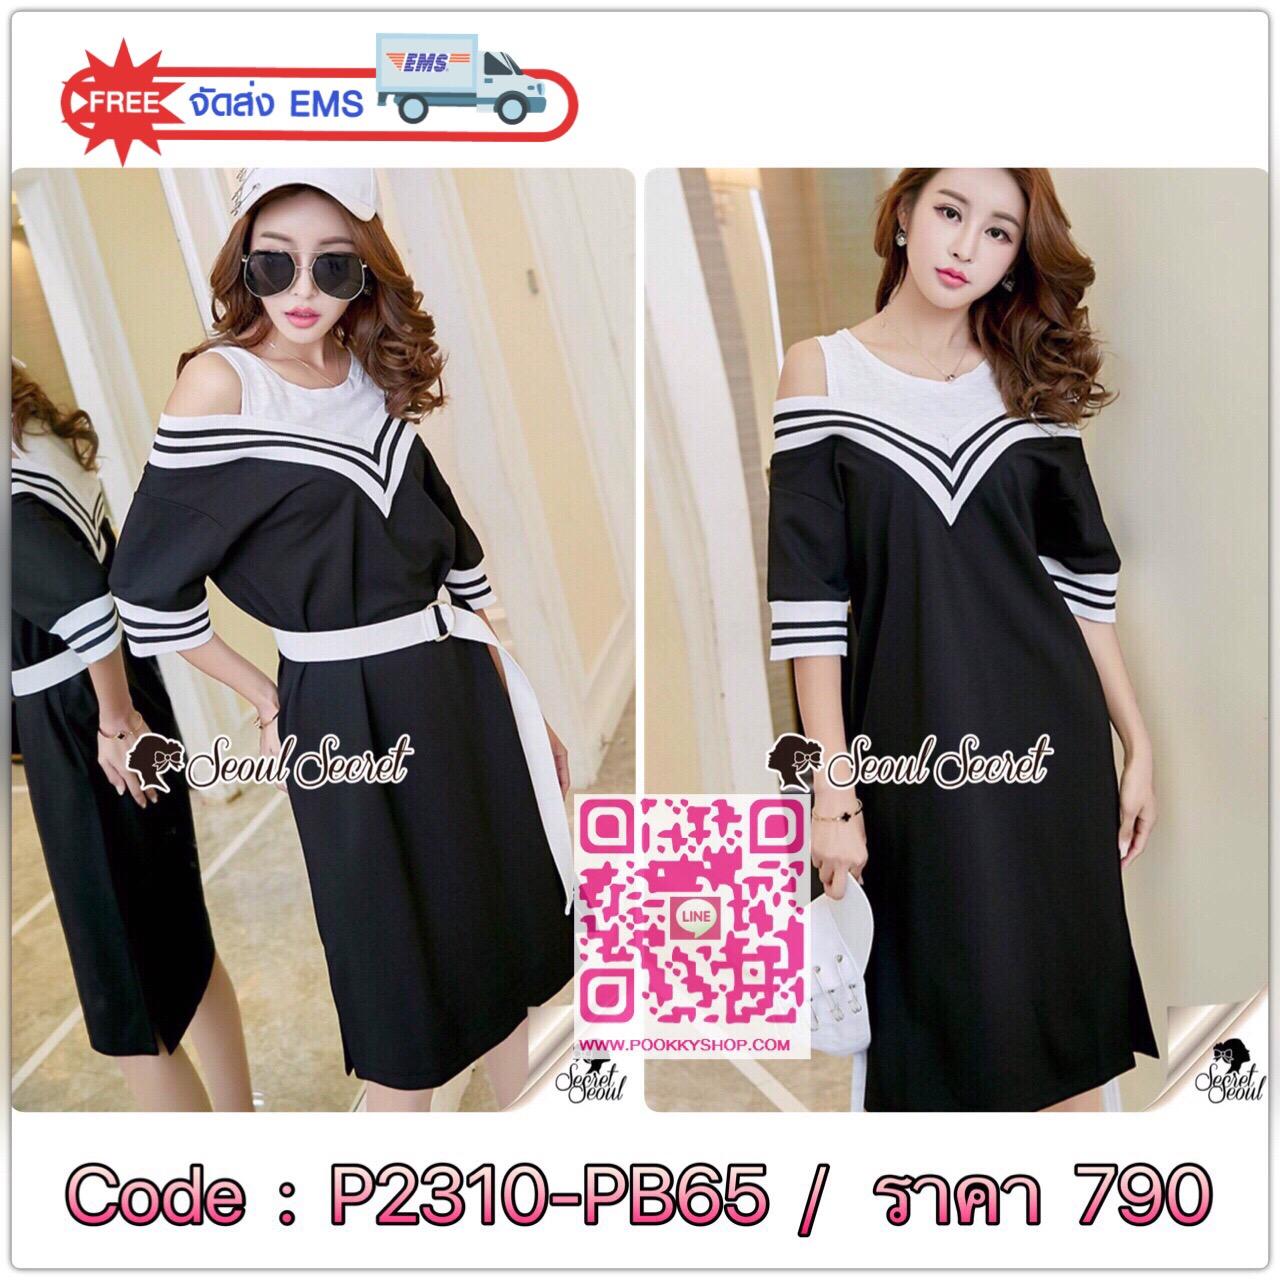 Seoul Secret Say's... Chic Vee Strip Sirt Dress Sport Girl Material : เดรสเชิ้ตทรงชิคไฮคลาส งานสวยด้วยทรงเดรสเว้าไหล่เนื้อผ้ายืดสีดำคลาสสิค ใส่สบายๆ ด้านในแขนกุดผ้ายืดสีขาวเย็บติดช่วงอกตัดกับดีเทลลายริ้วคอวีเก๋ๆ เติมความน่ารักด้วยเข็มขัดสีขาวสุดชิค ค